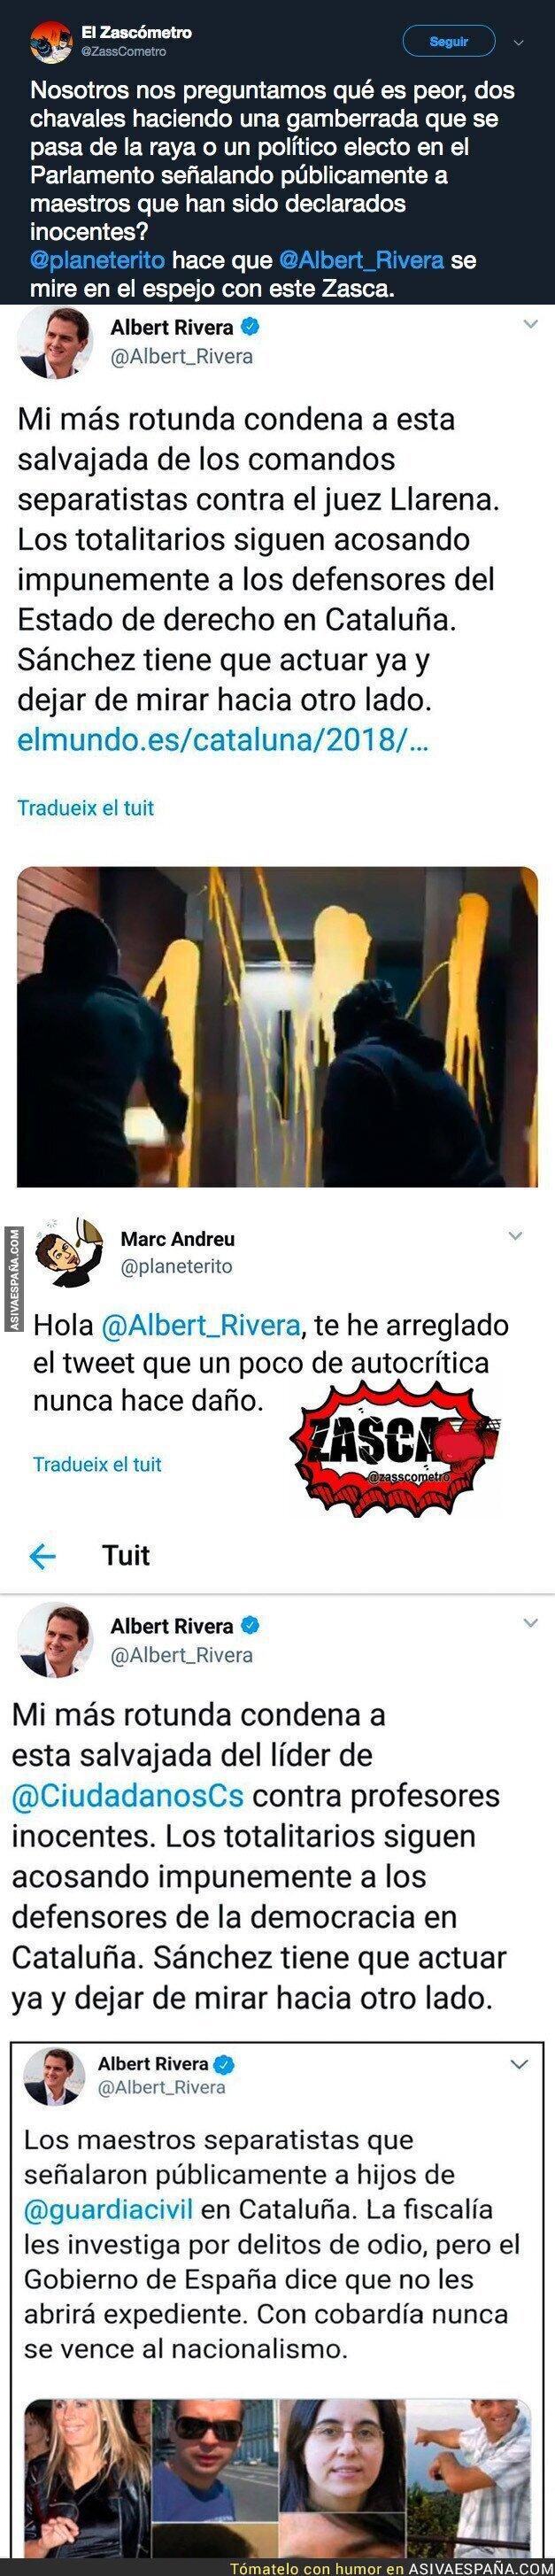 98031 - Albert Rivera tiene mucho que aprender de sus palabras señalando a la gente